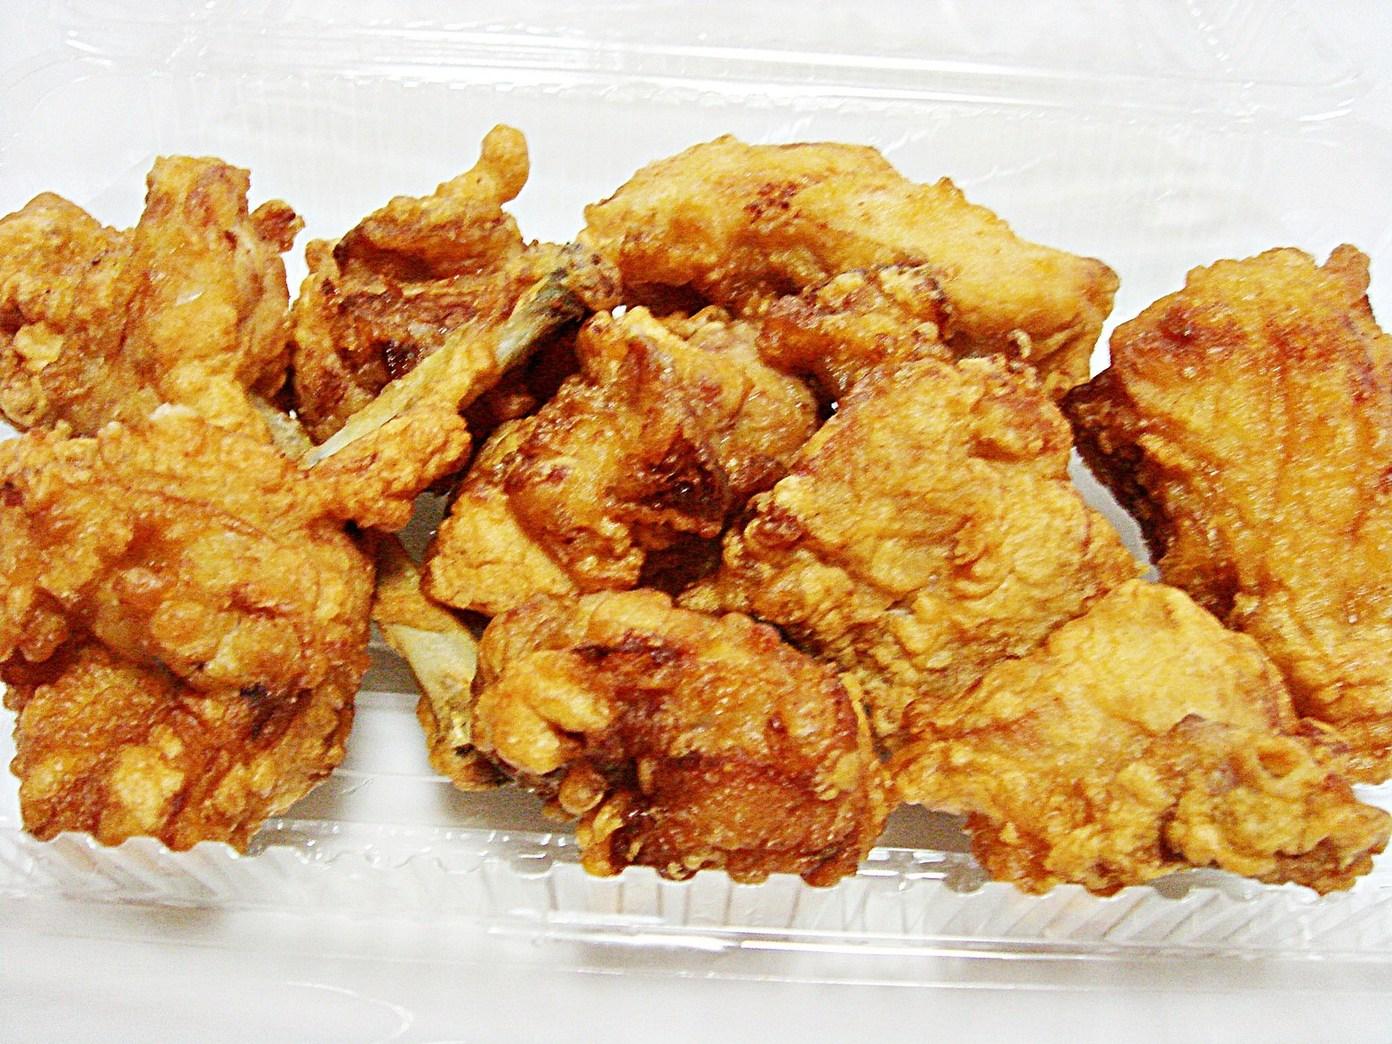 越川鶏肉店